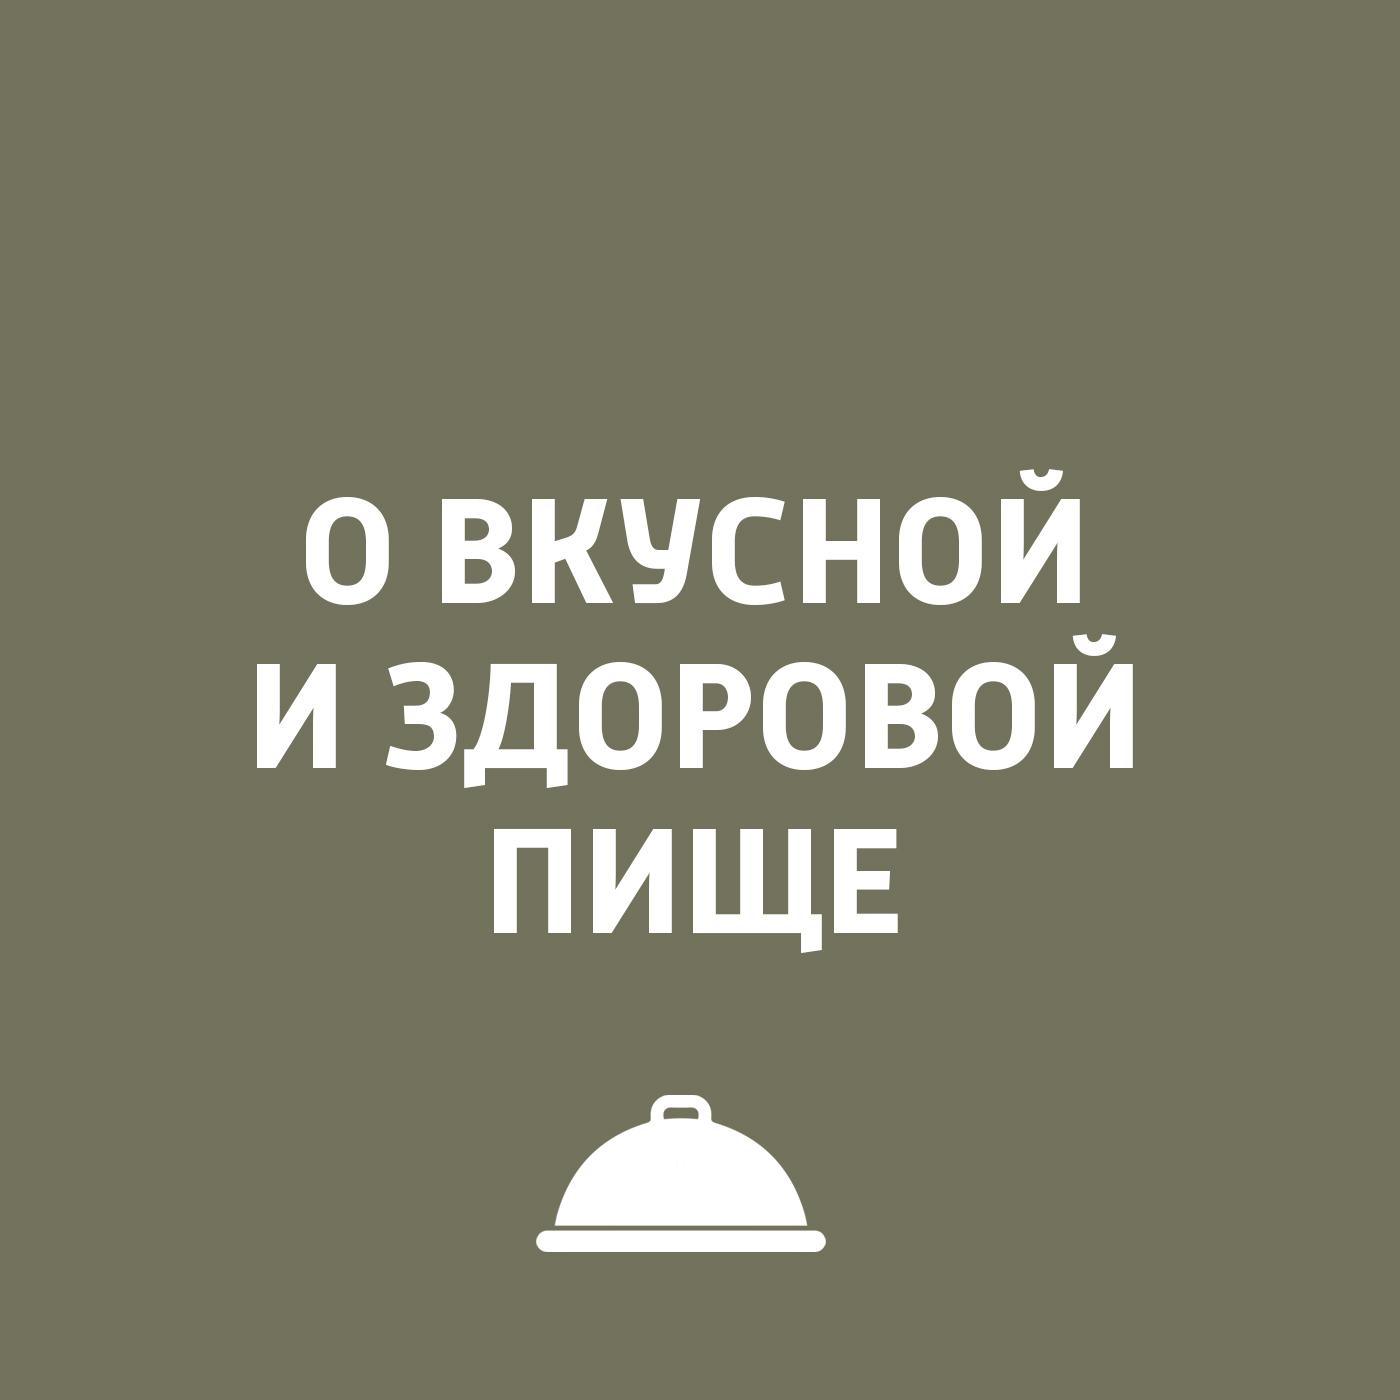 Игорь Ружейников Современное школьное питание - вкусное и здоровое игорь ружейников суздальский хлеб